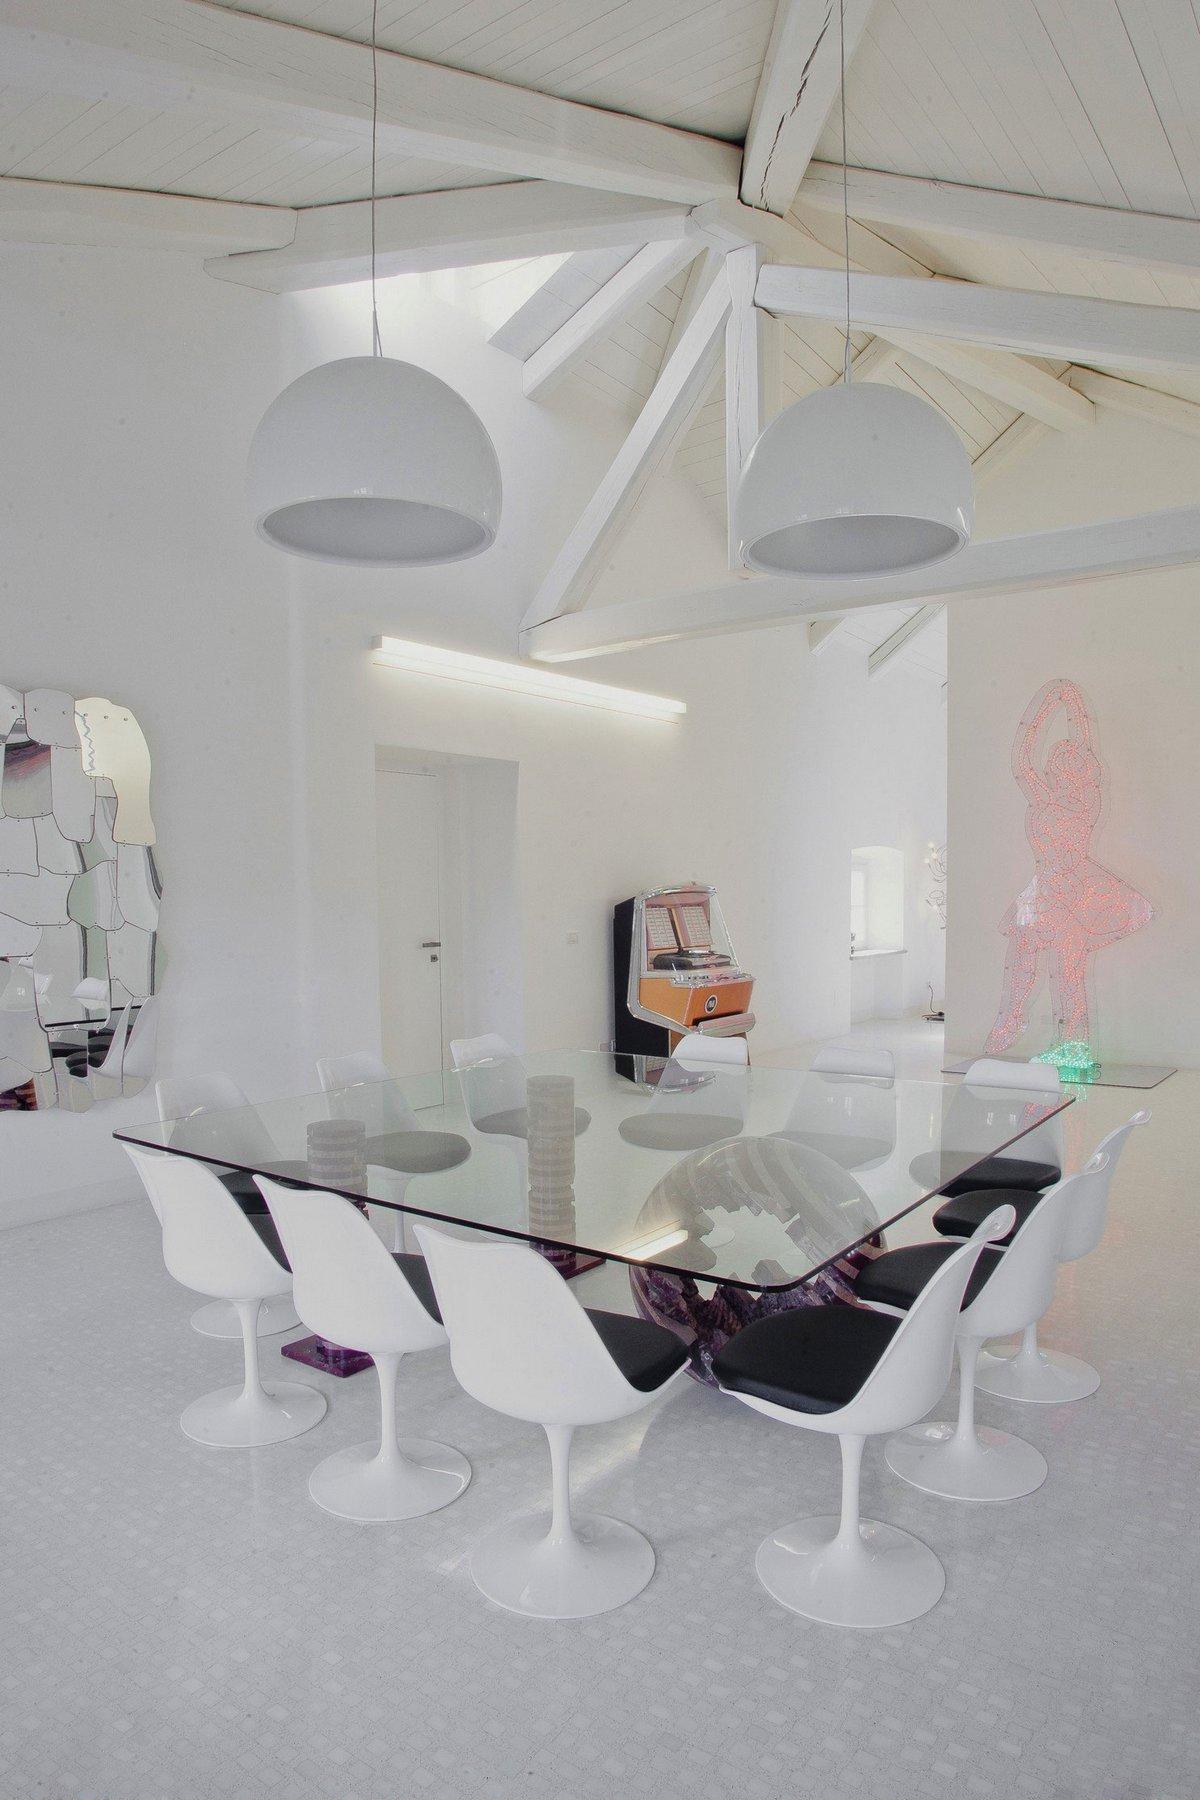 Villa Benvenuti, Pietro Carlo Pellegrini Architetto, коммуна Ривароло-Канавезе, виллы в Италии, особняки Италии, роскошная частная вилла обзор